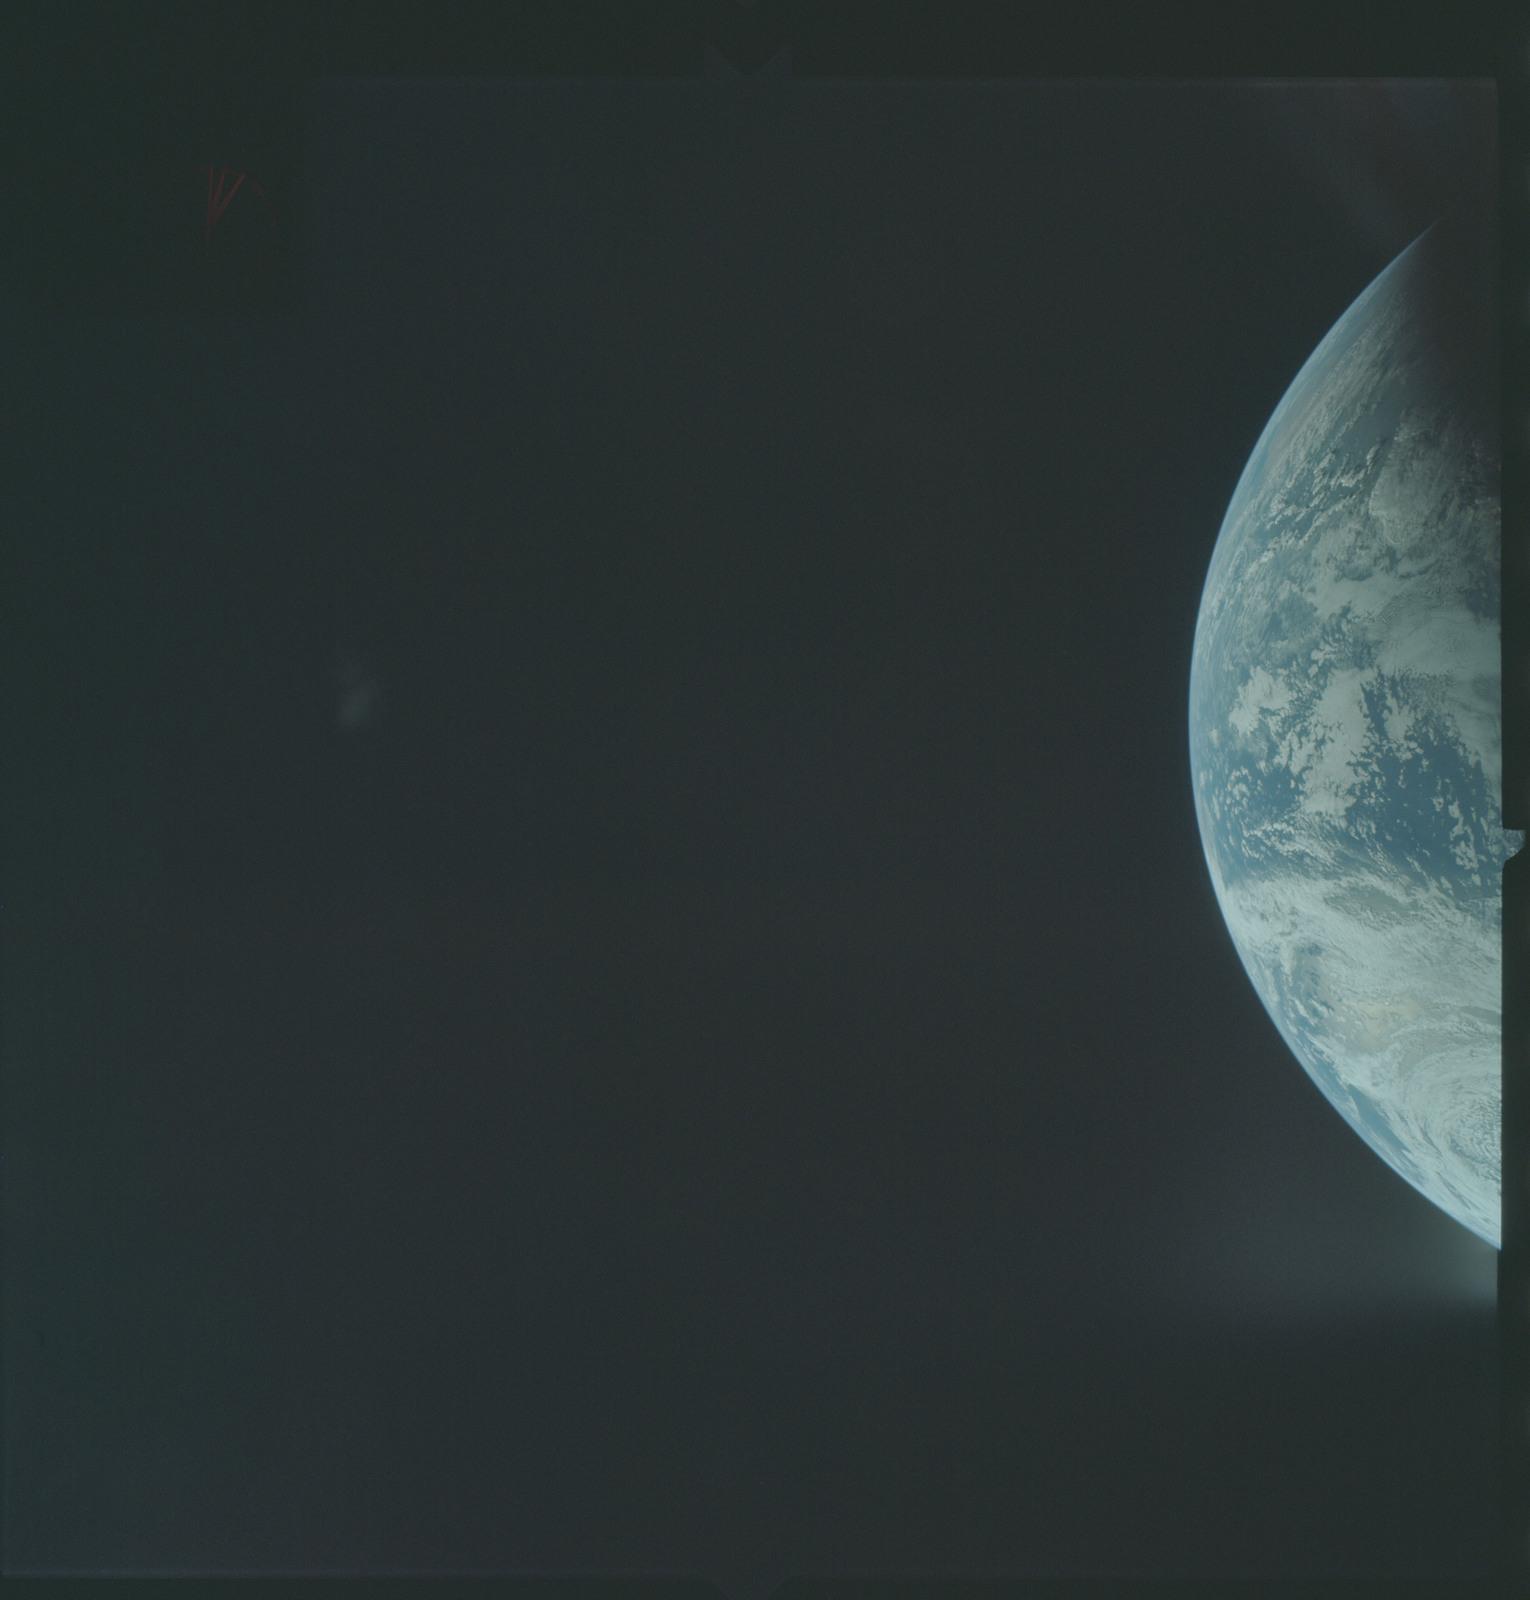 AS04-01-165 - Apollo 4